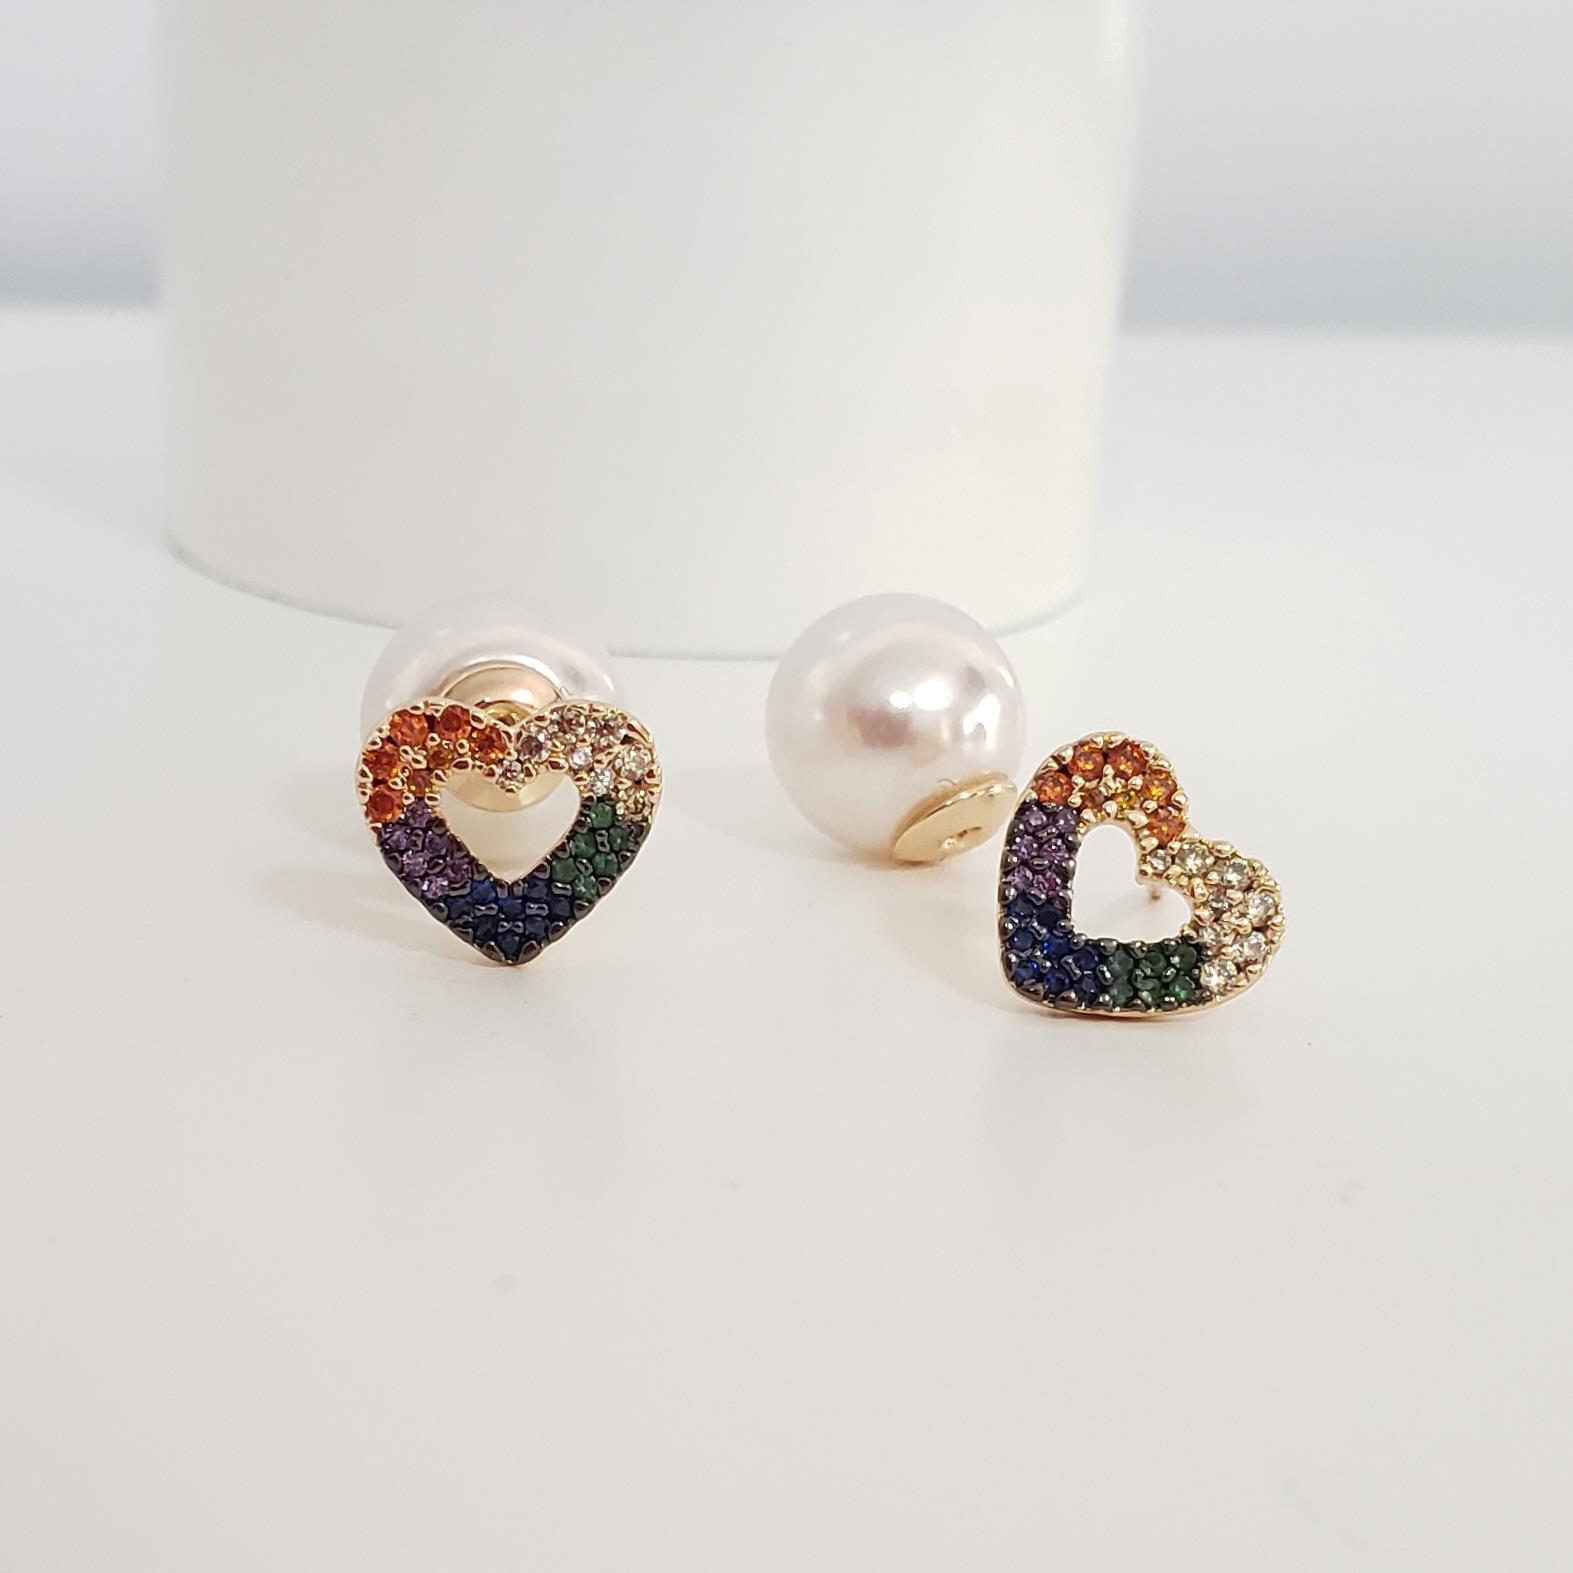 Brinco Dior Coração Zircônia Colorida e Pérola no Banho Ouro 18k Semijoia